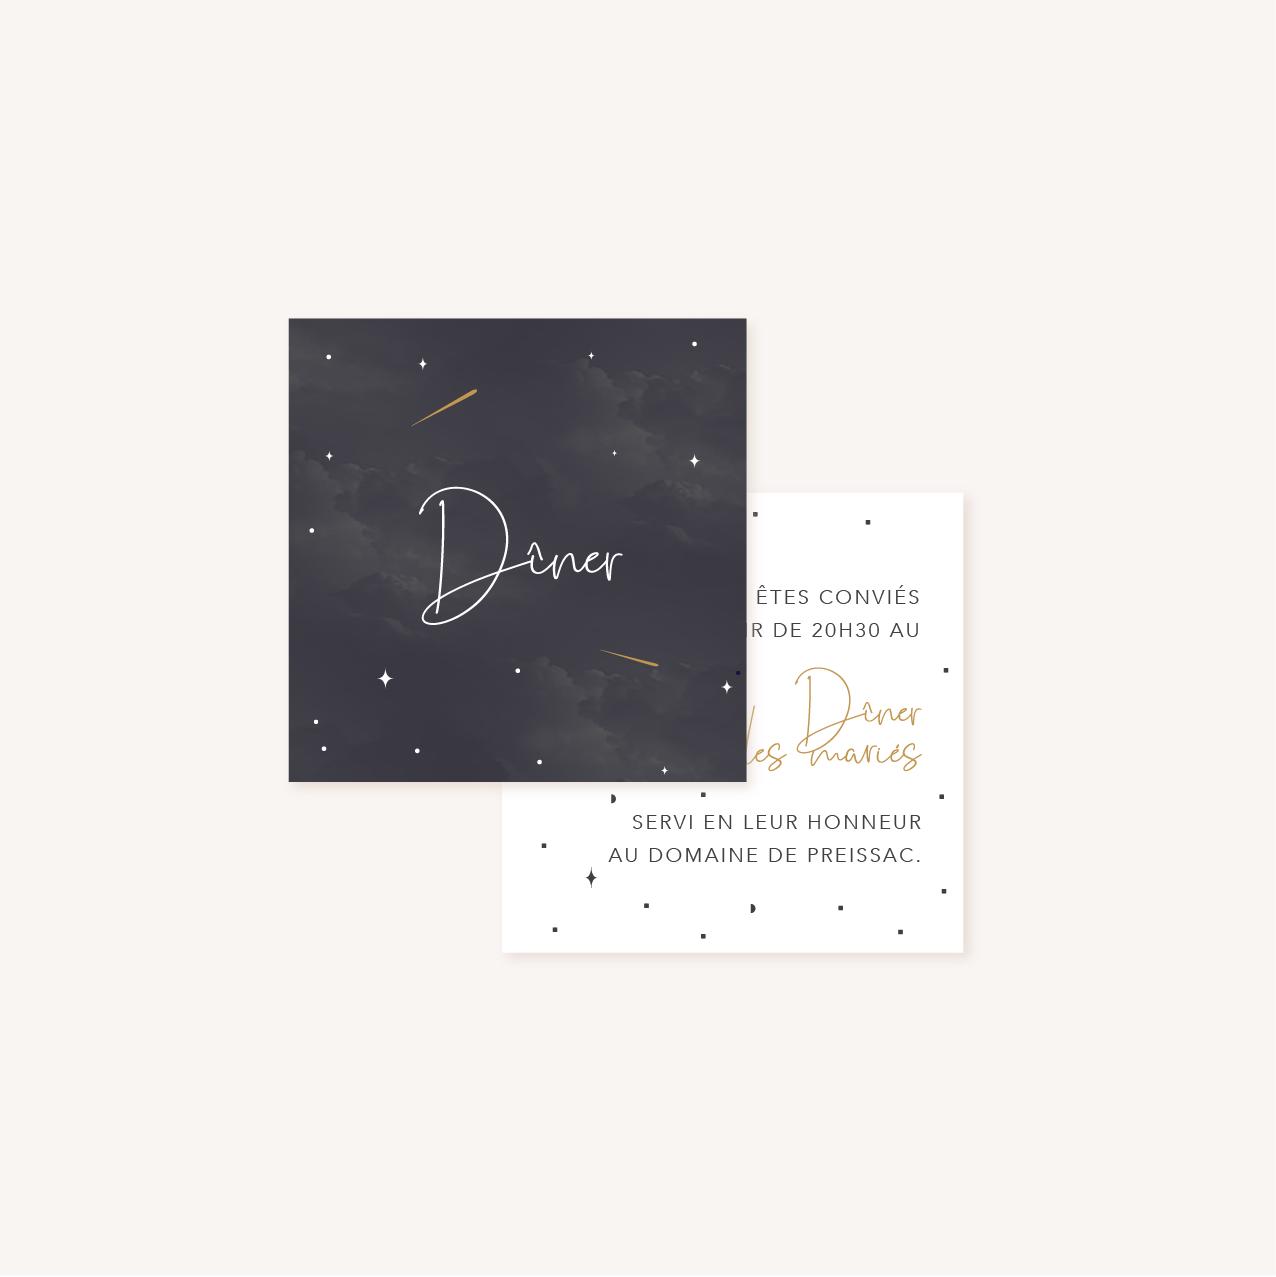 Carton dîner de mariage aux thèmes nuit, étoiles, nuages, rêves, comètes et couleurs gris, blanc, or